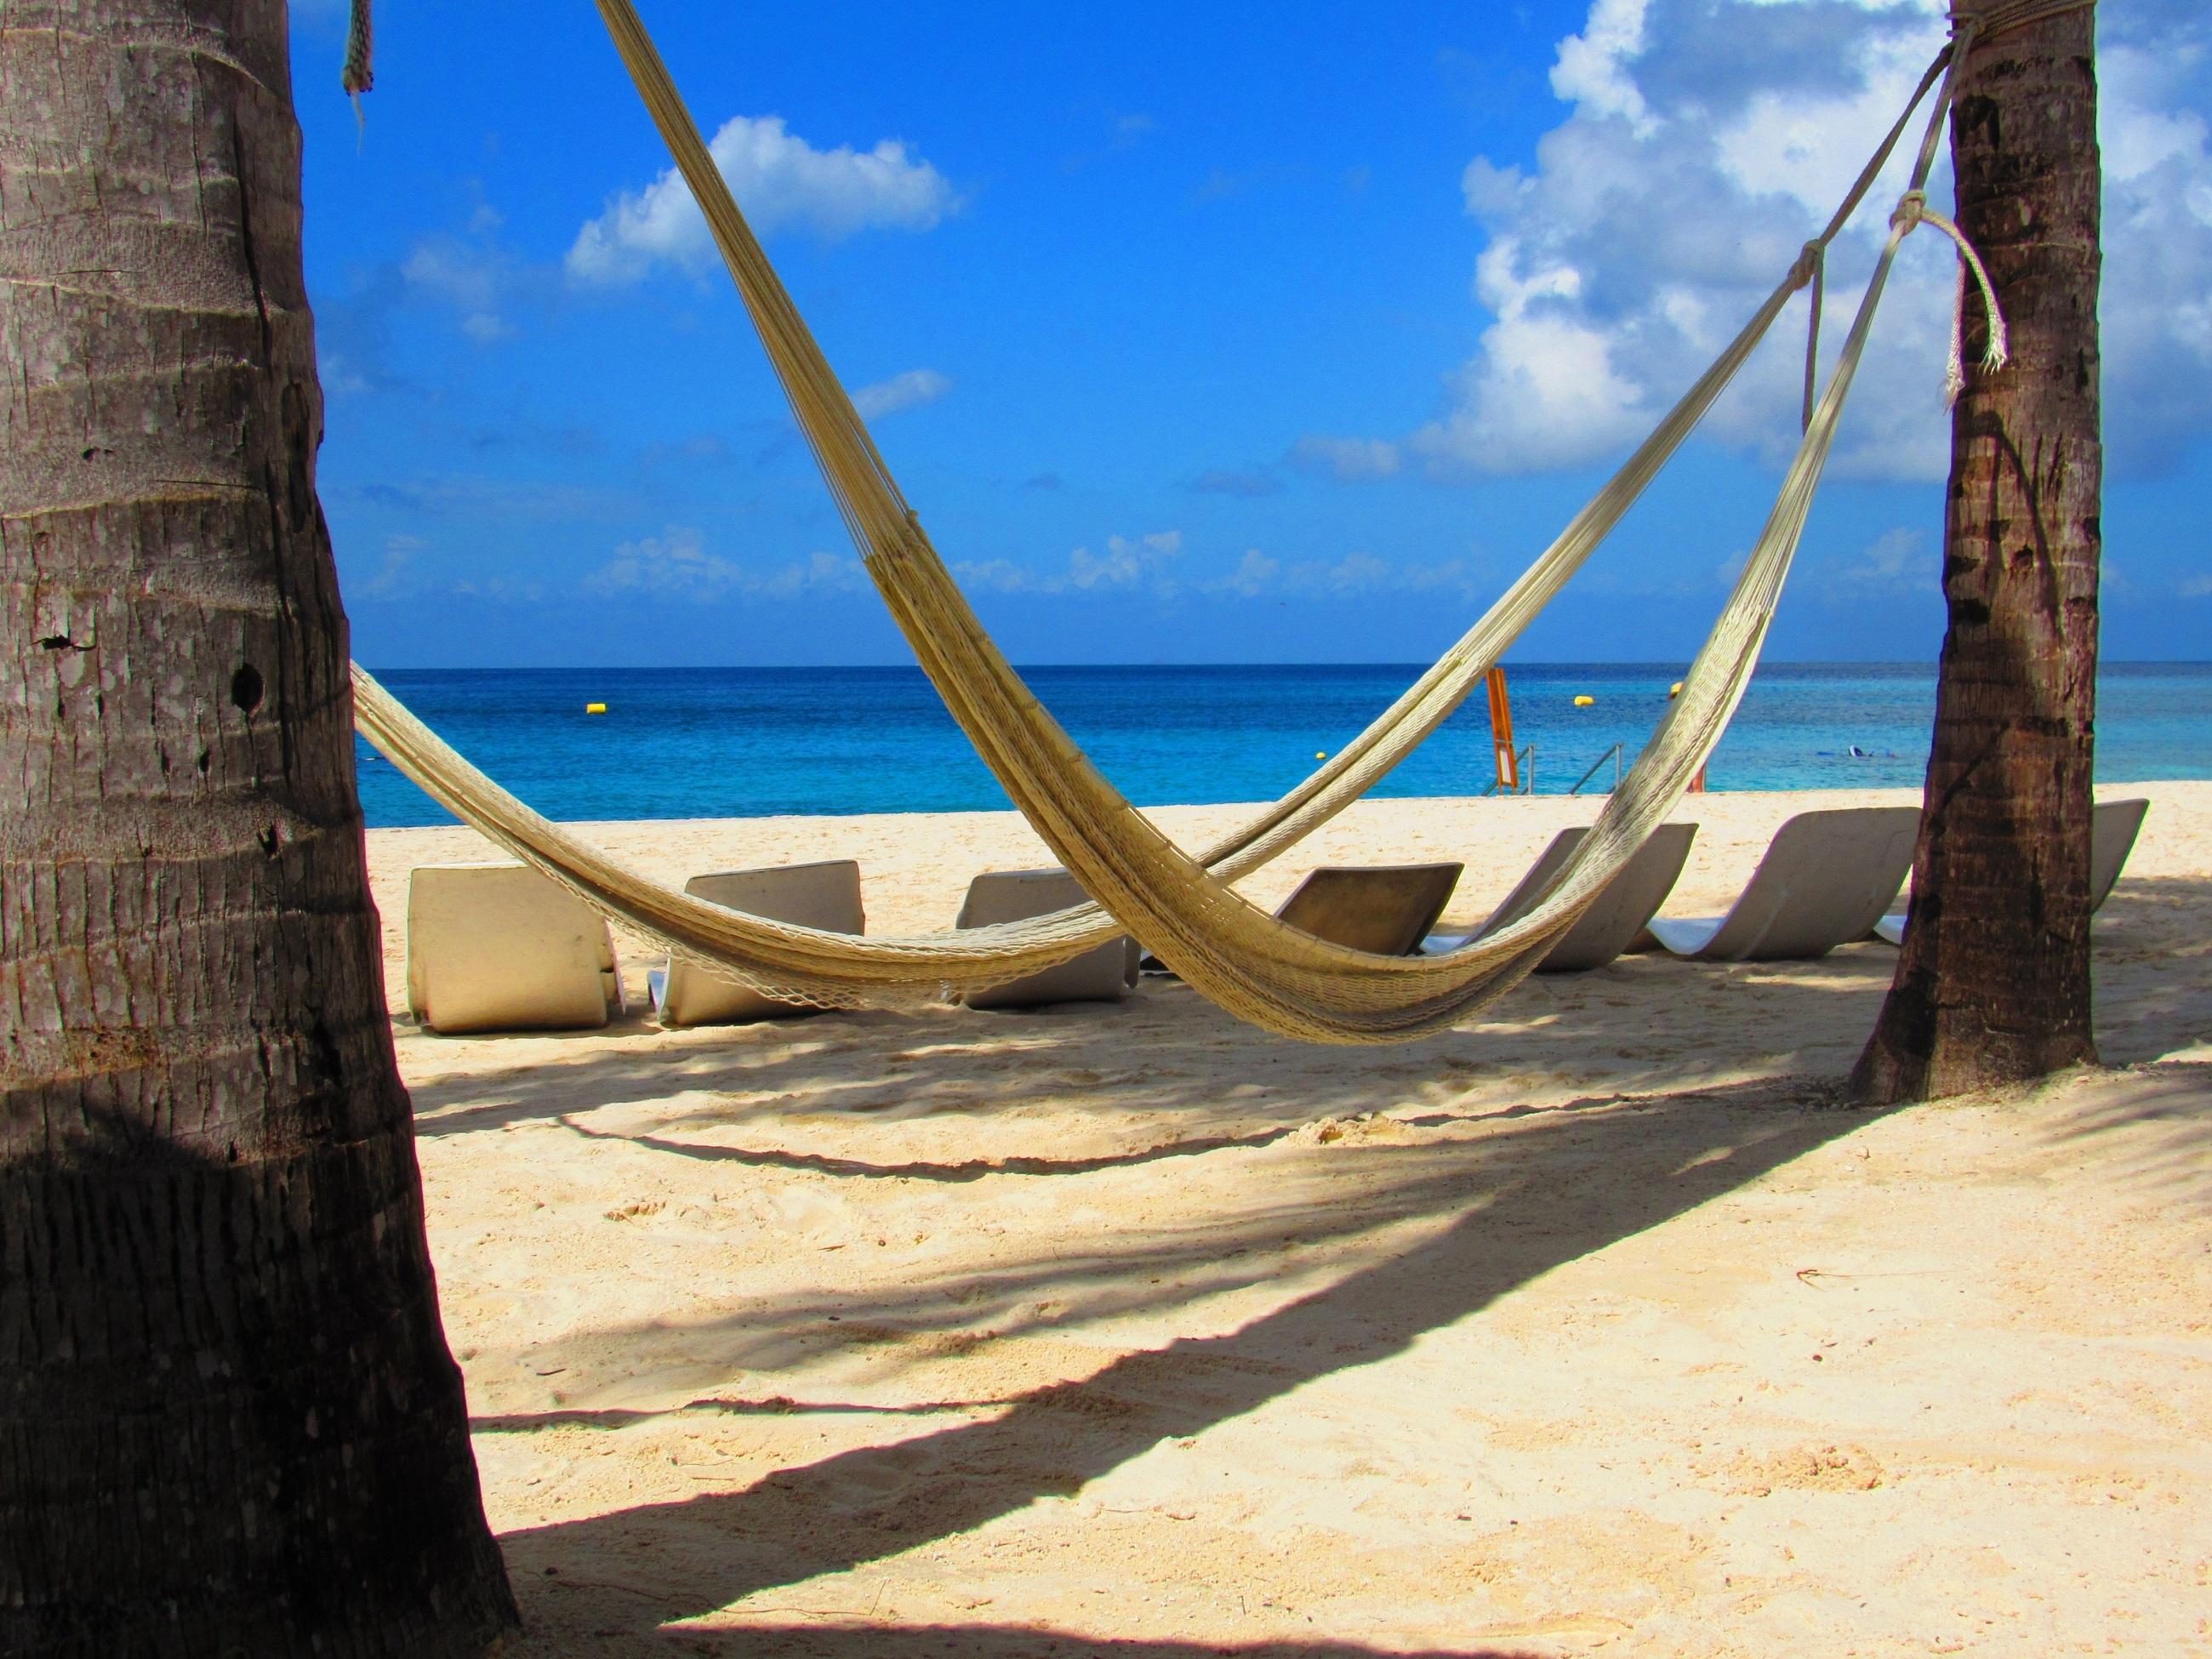 Tropical Beach, Beach, Picnic, Sea, Seashore, HQ Photo